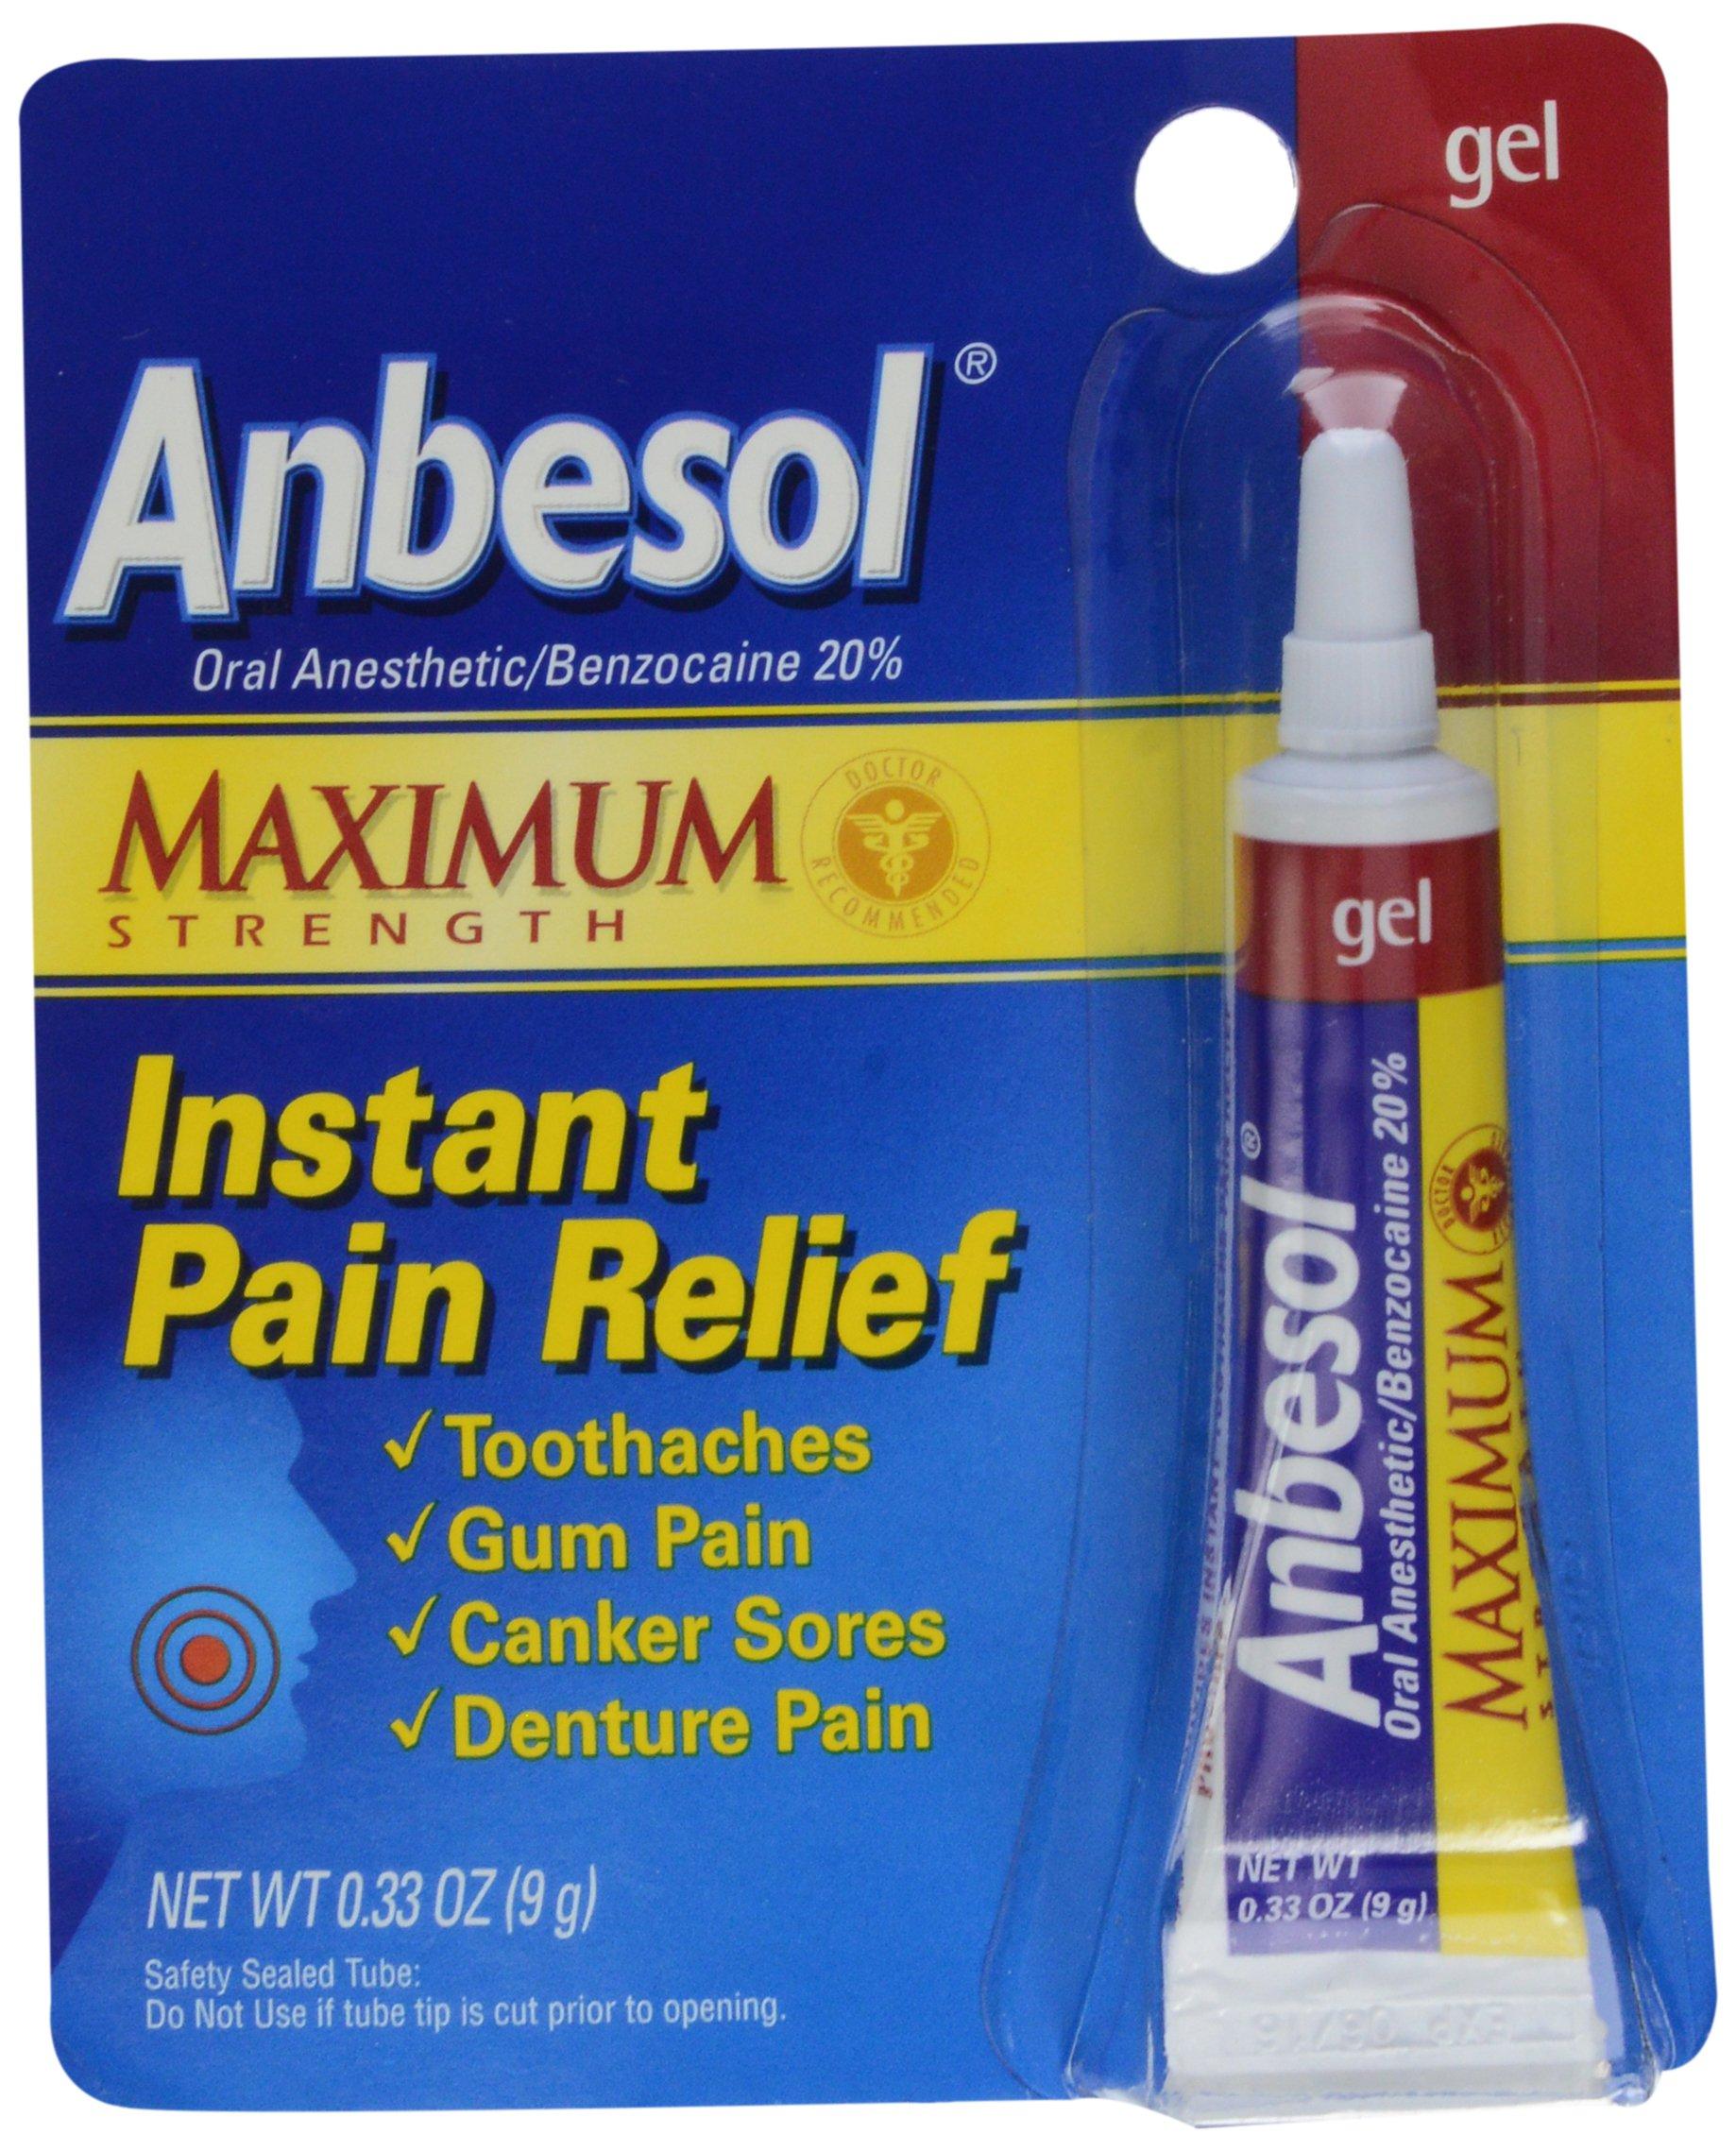 Anbesol Gel Maximum Strength, 0.33 oz by Anbesol